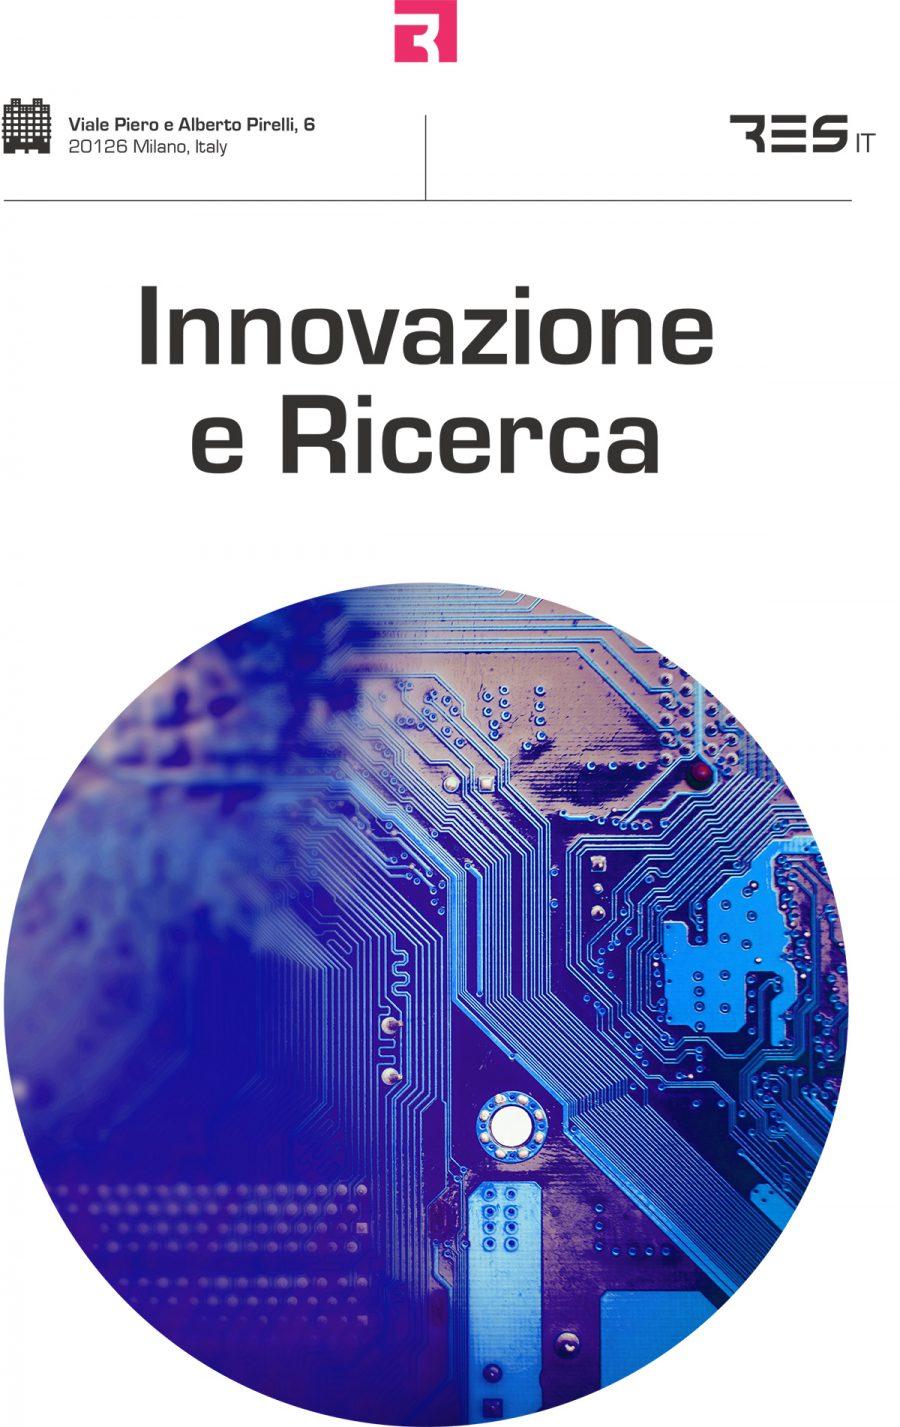 Innovazione e Ricerca